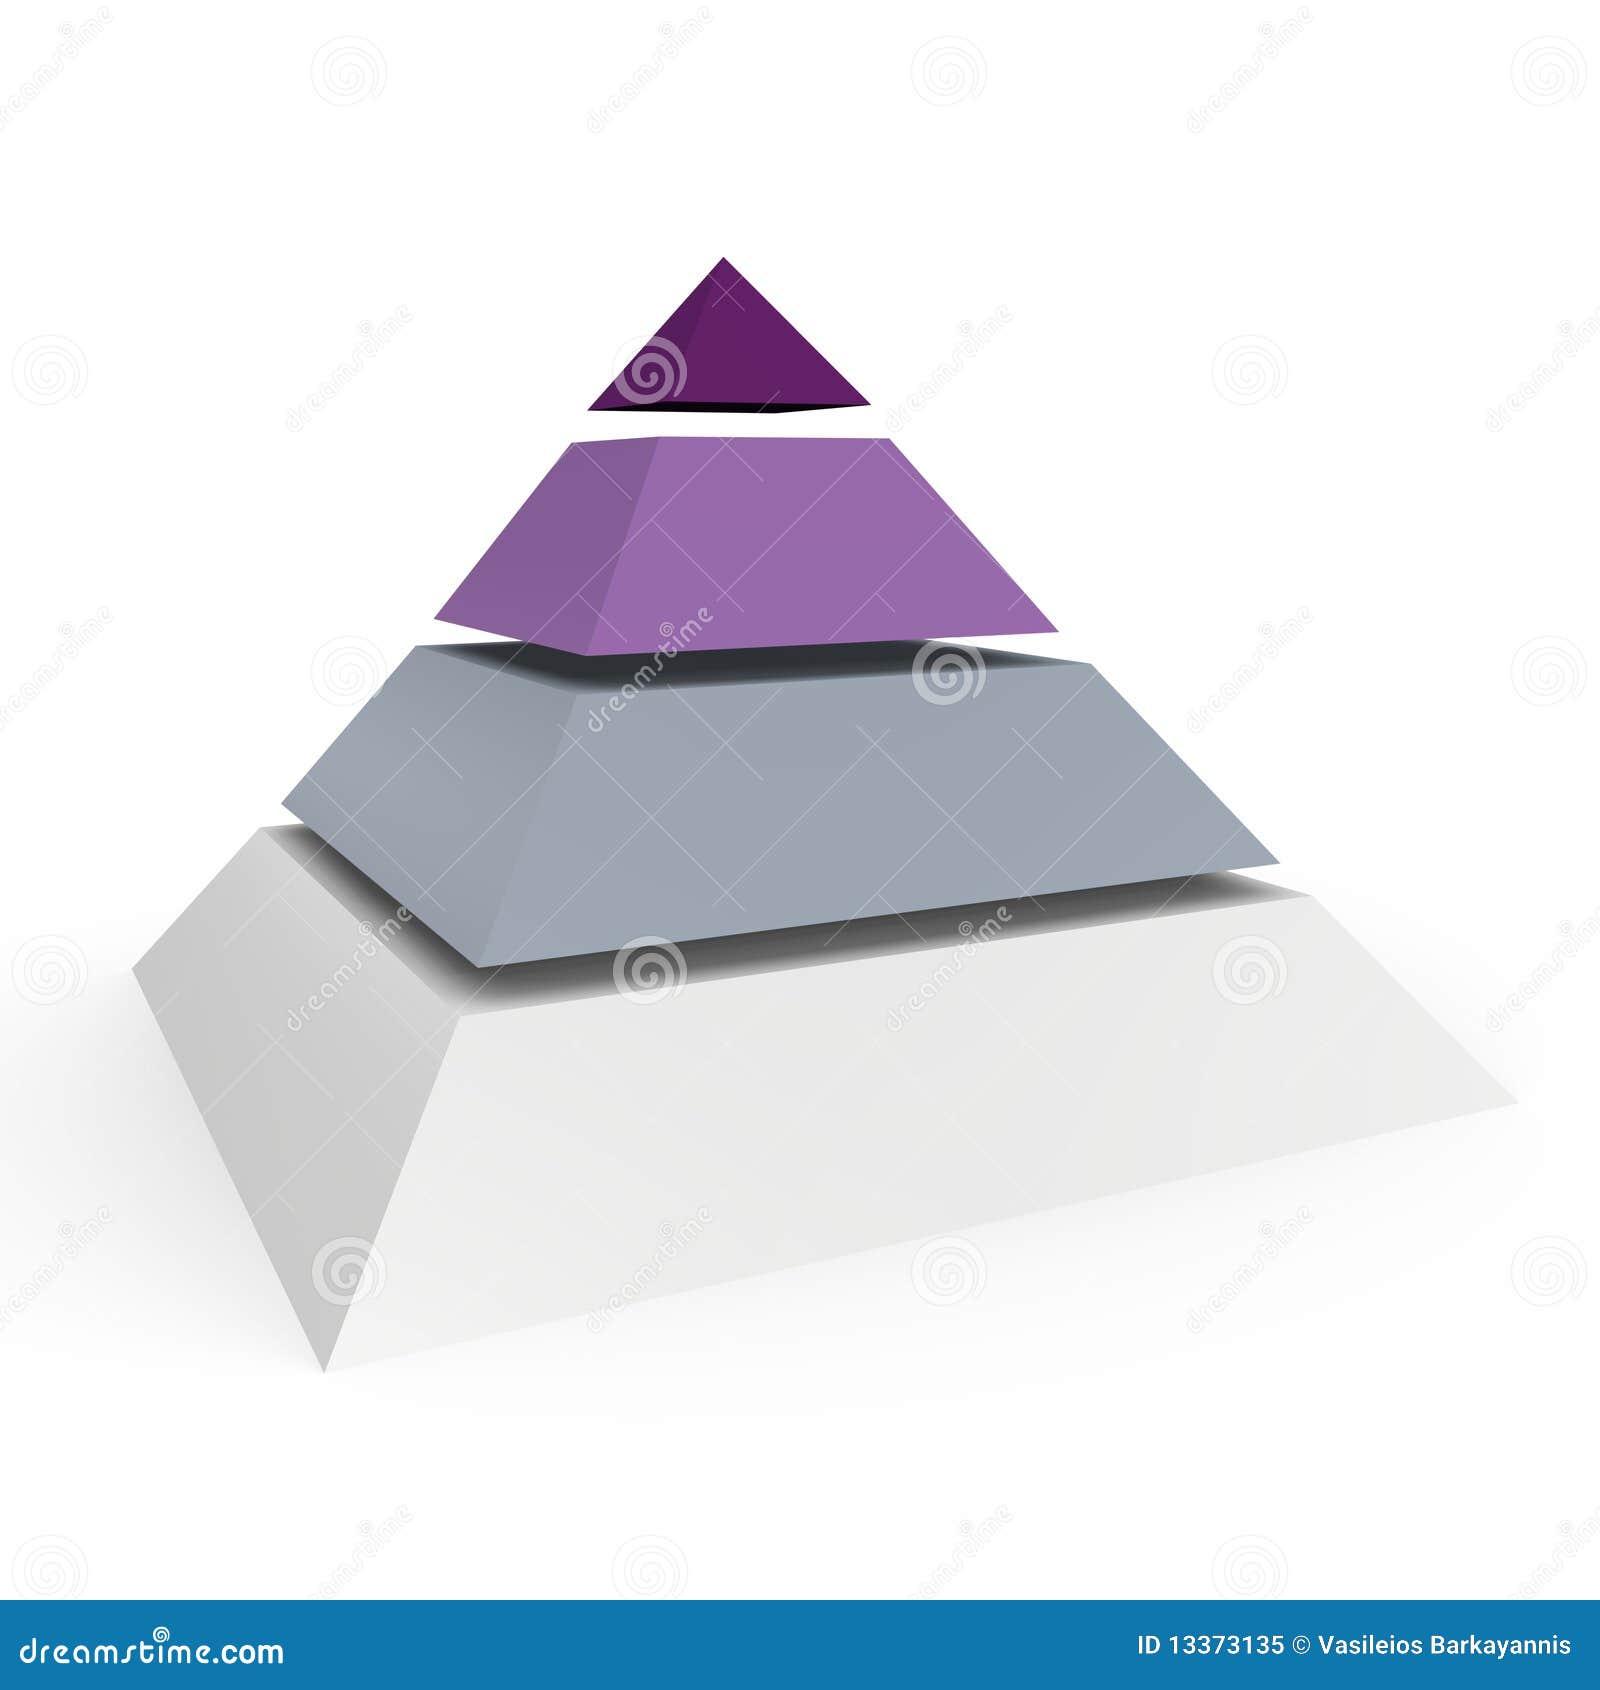 Une pyramide de 4 niveaux - une image 3d